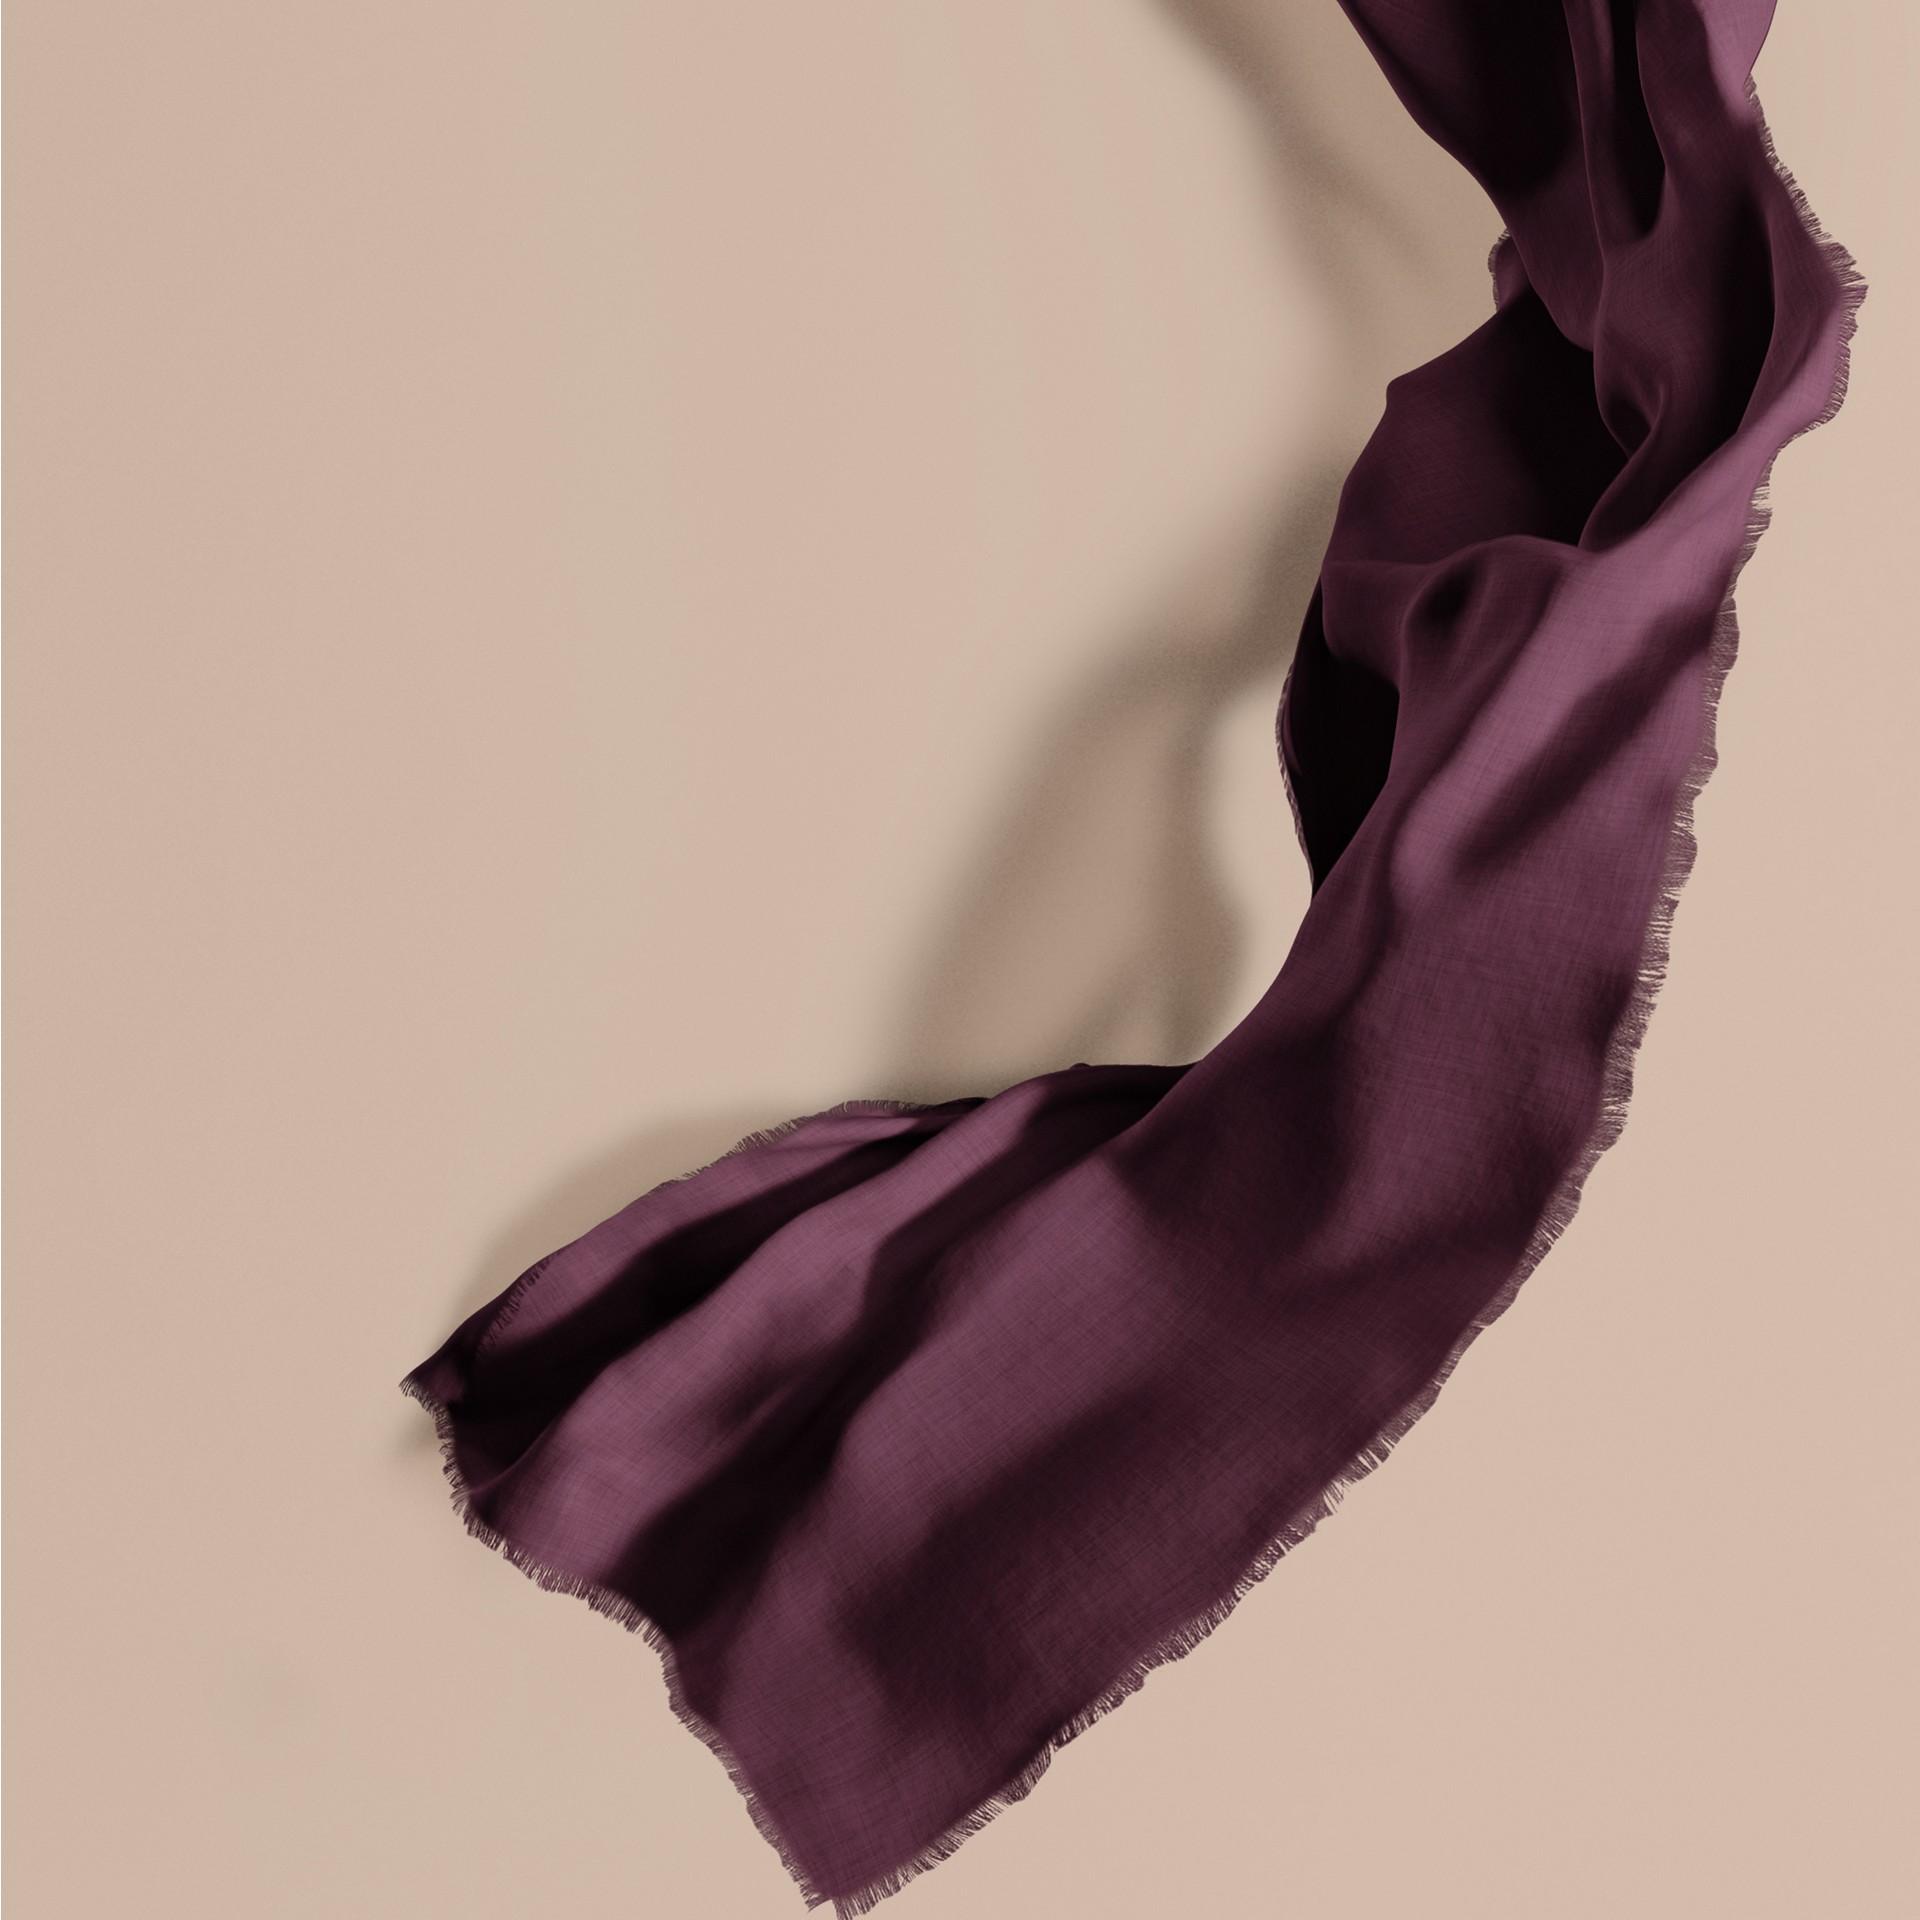 Баклажан Легкий шарф из кашемира Баклажан - изображение 1